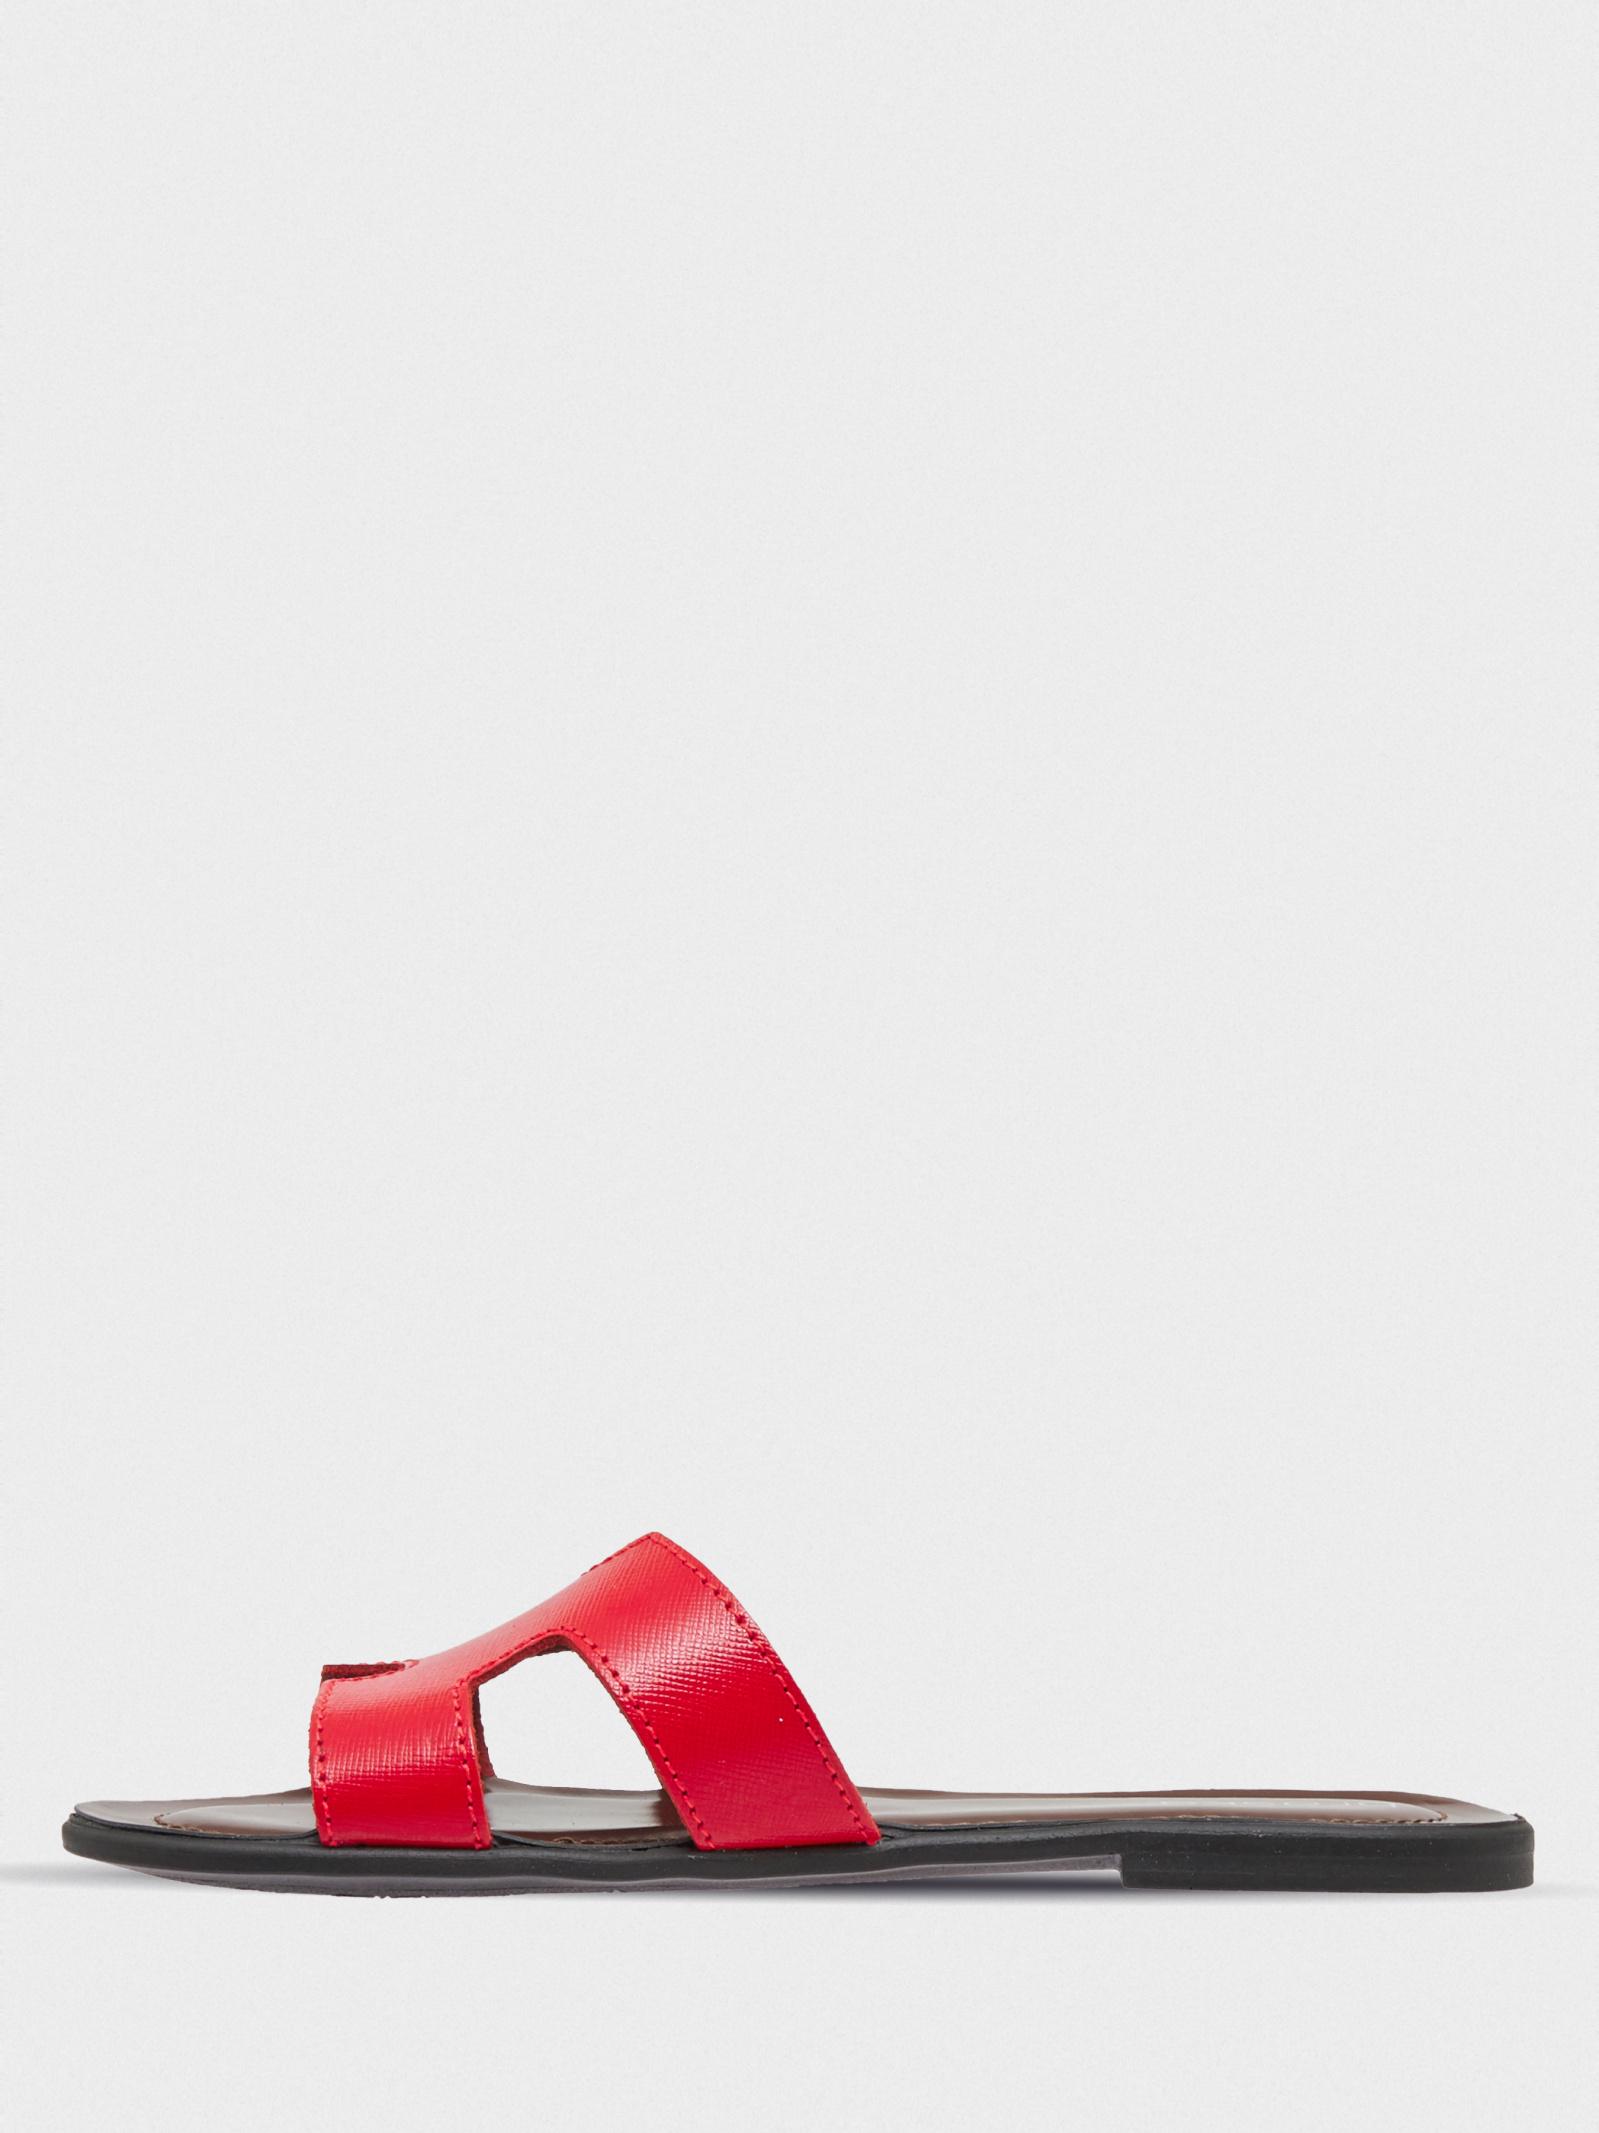 Шльопанці  для жінок Braska VH-1U-01 red брендове взуття, 2017